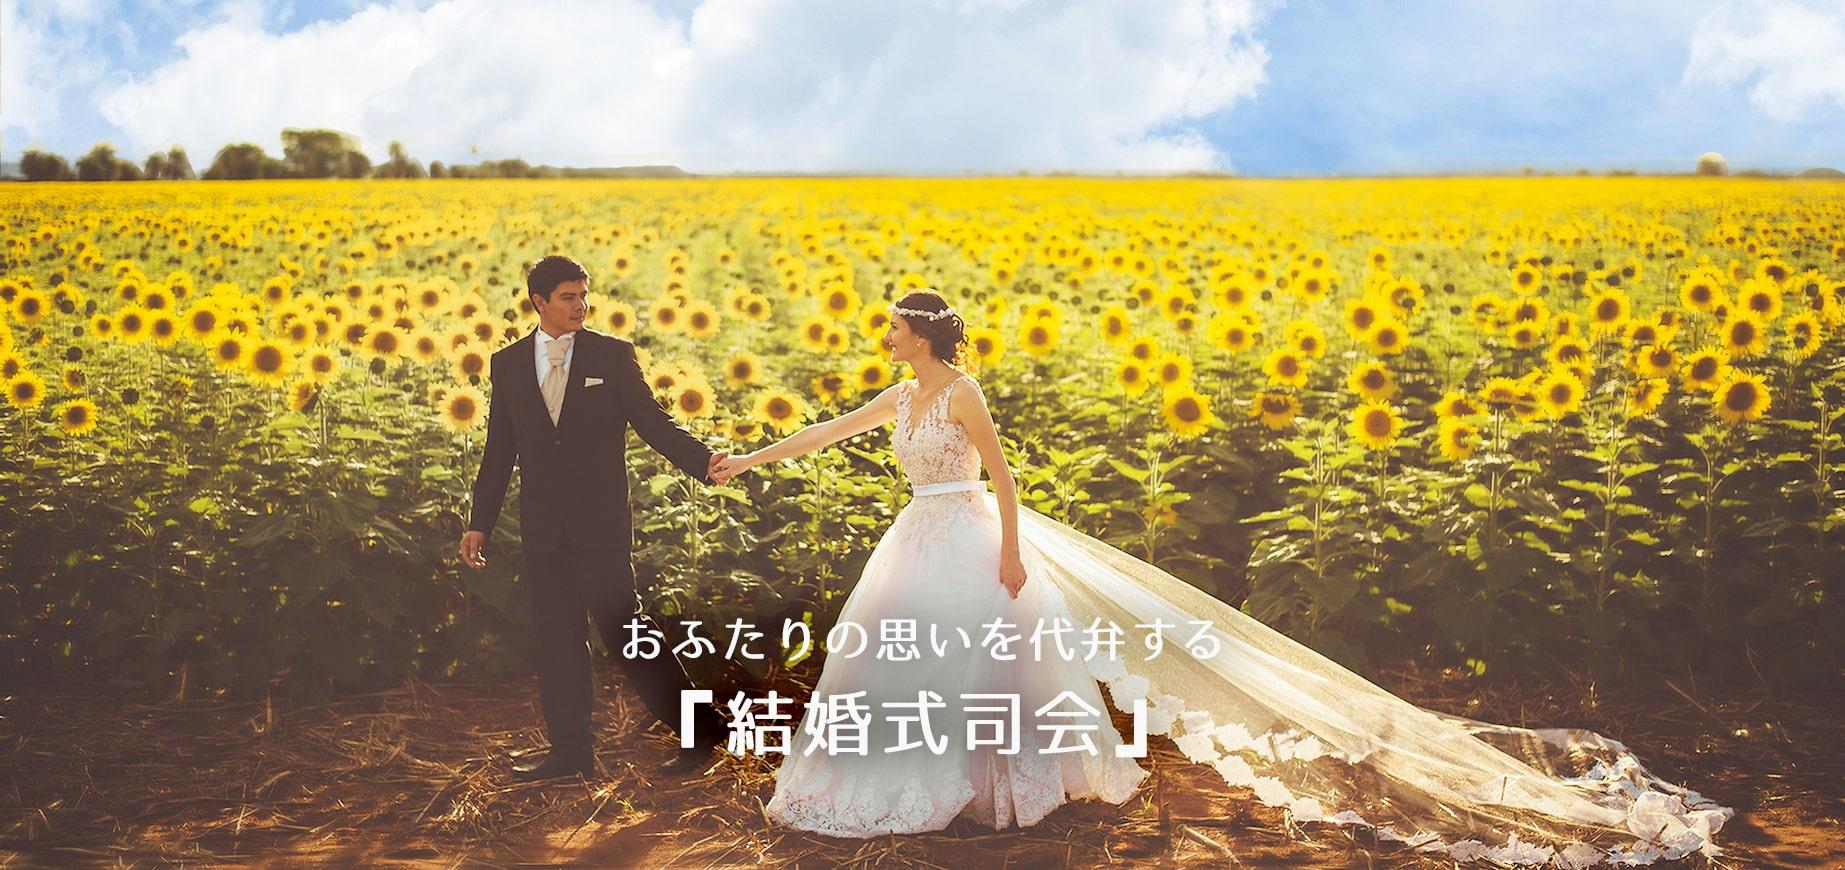 結婚式司会